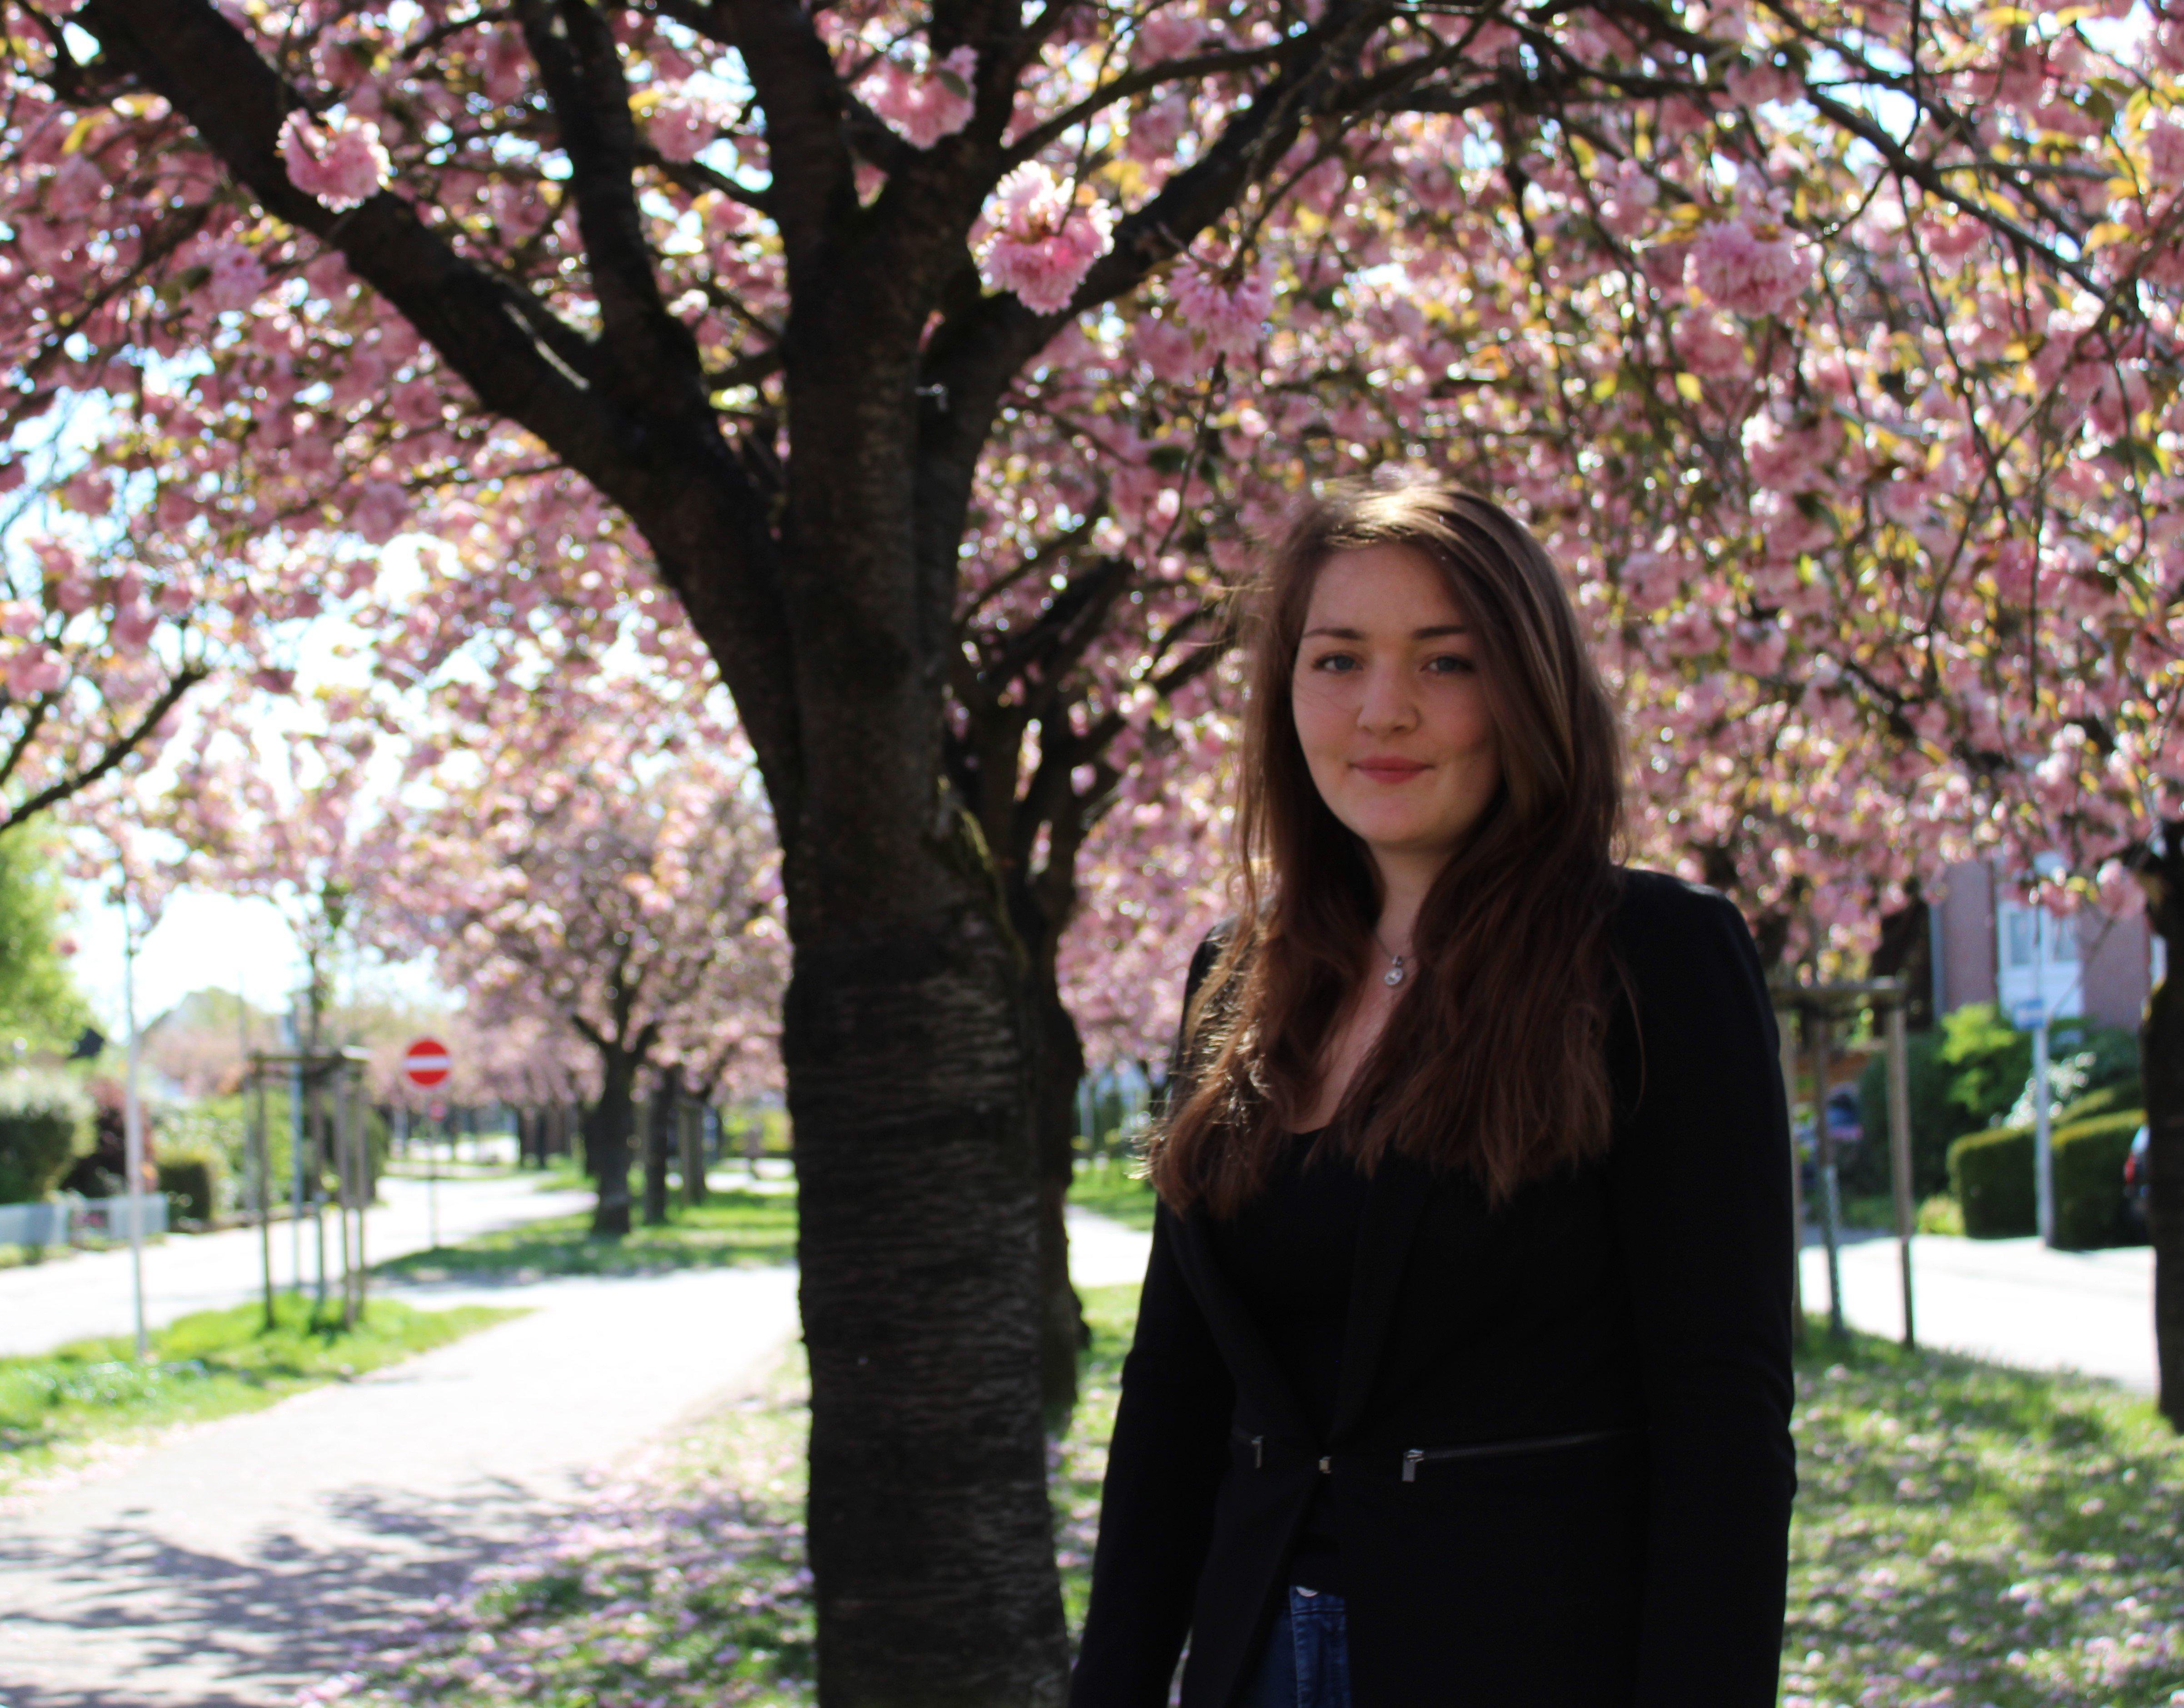 Jessica_students